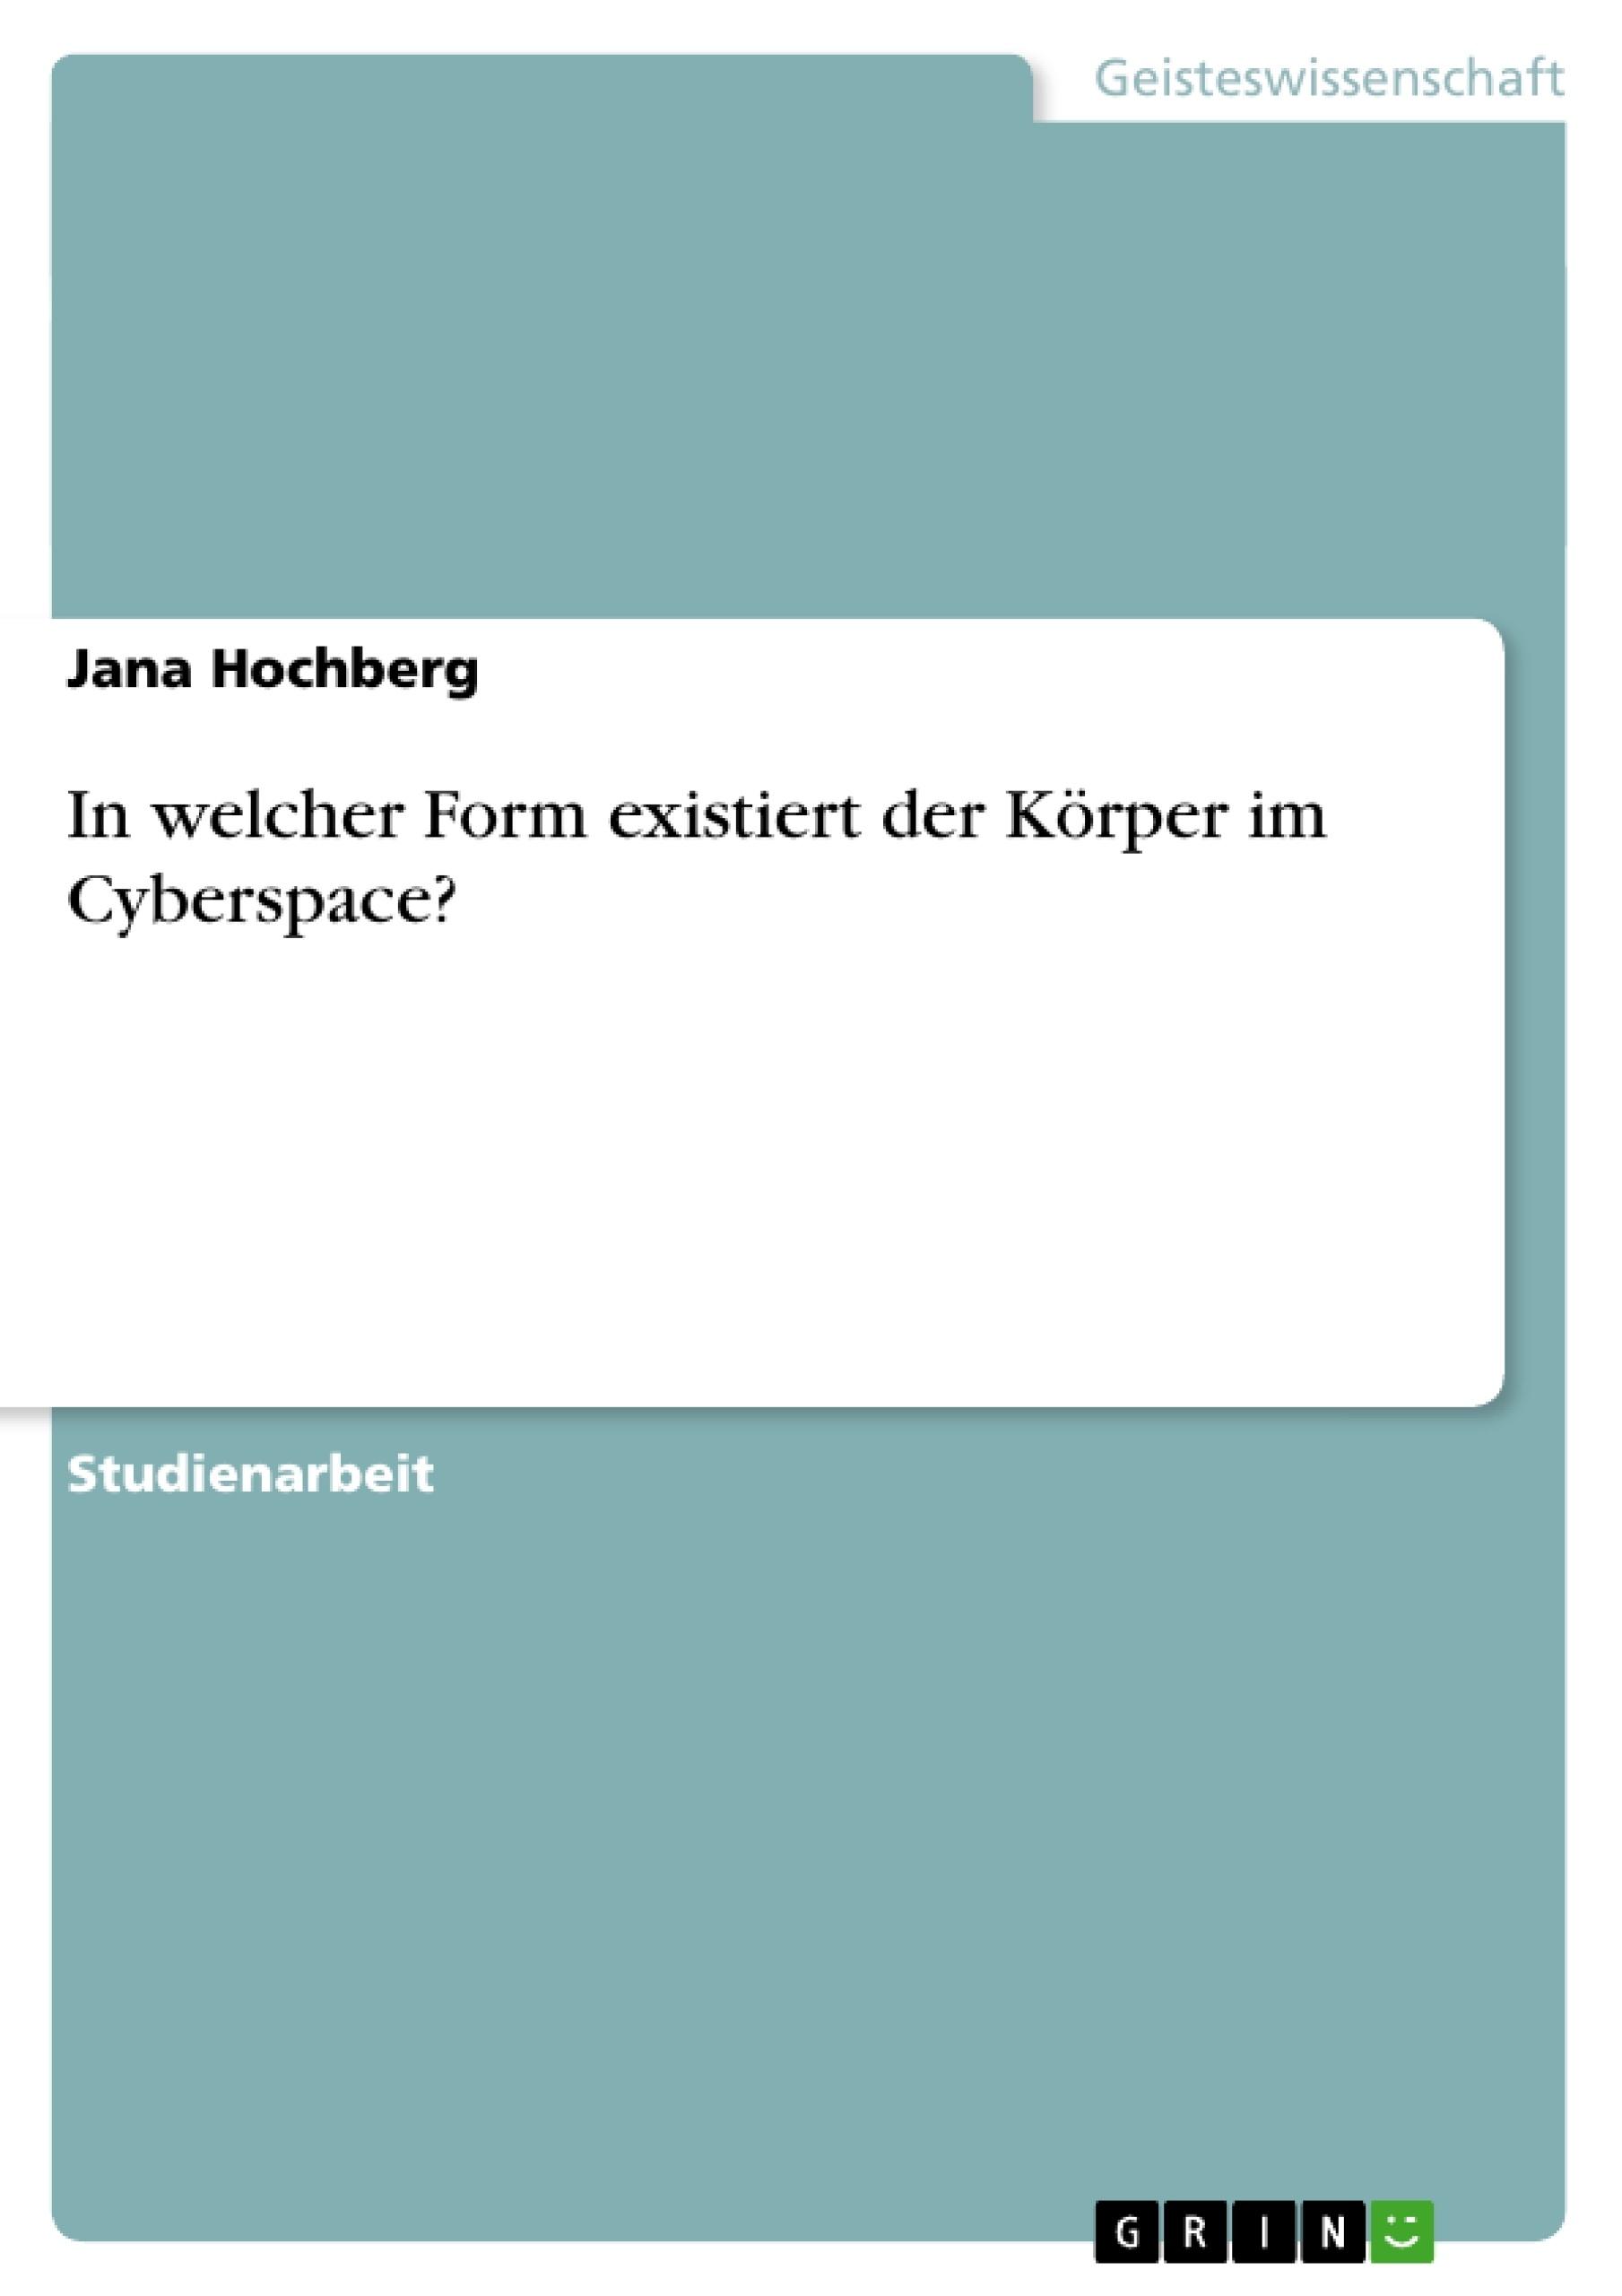 Titel: In welcher Form existiert der Körper im Cyberspace?